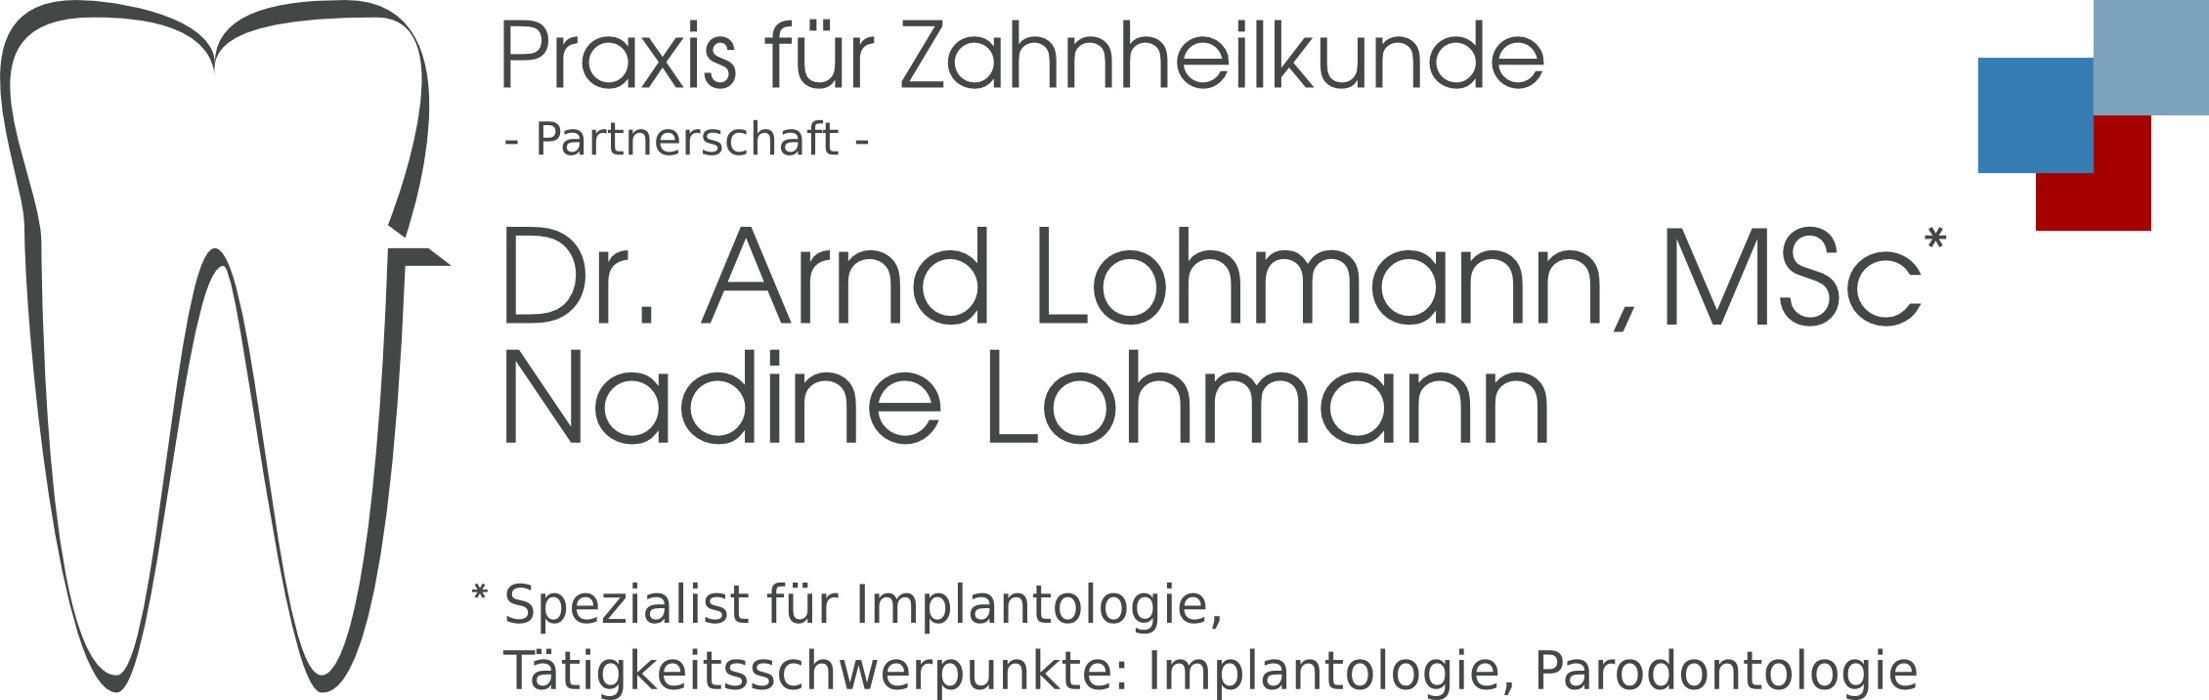 Bild zu Praxis für Zahnheilkunde Dr. Arnd Lohmann, MSc Nadine Lohmann in Bremen